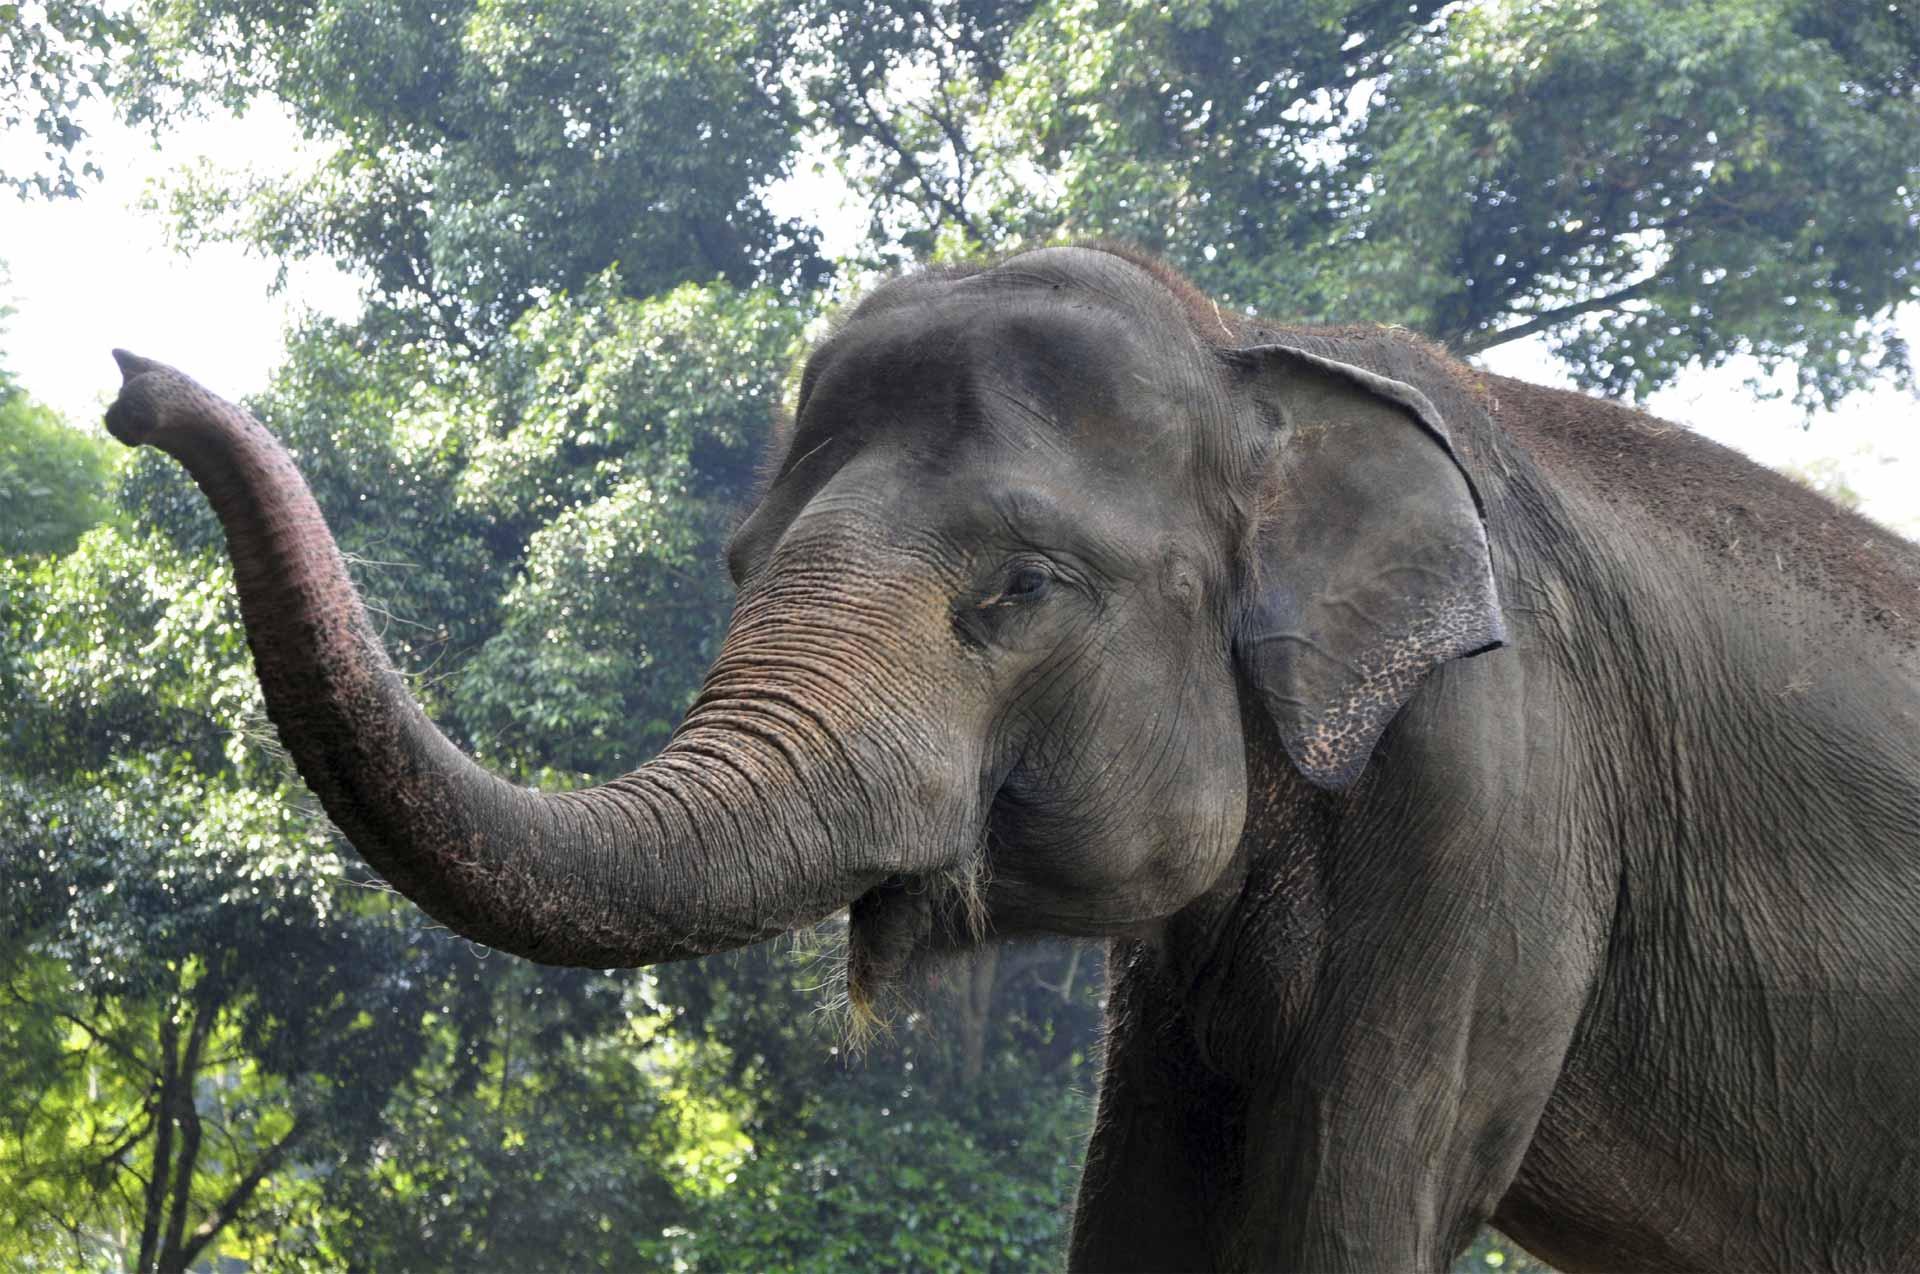 Los elefantes patrullan junto con sus compañeros humanos las zonas del bosque nacional, para asegurar que incendios no reaparezcan